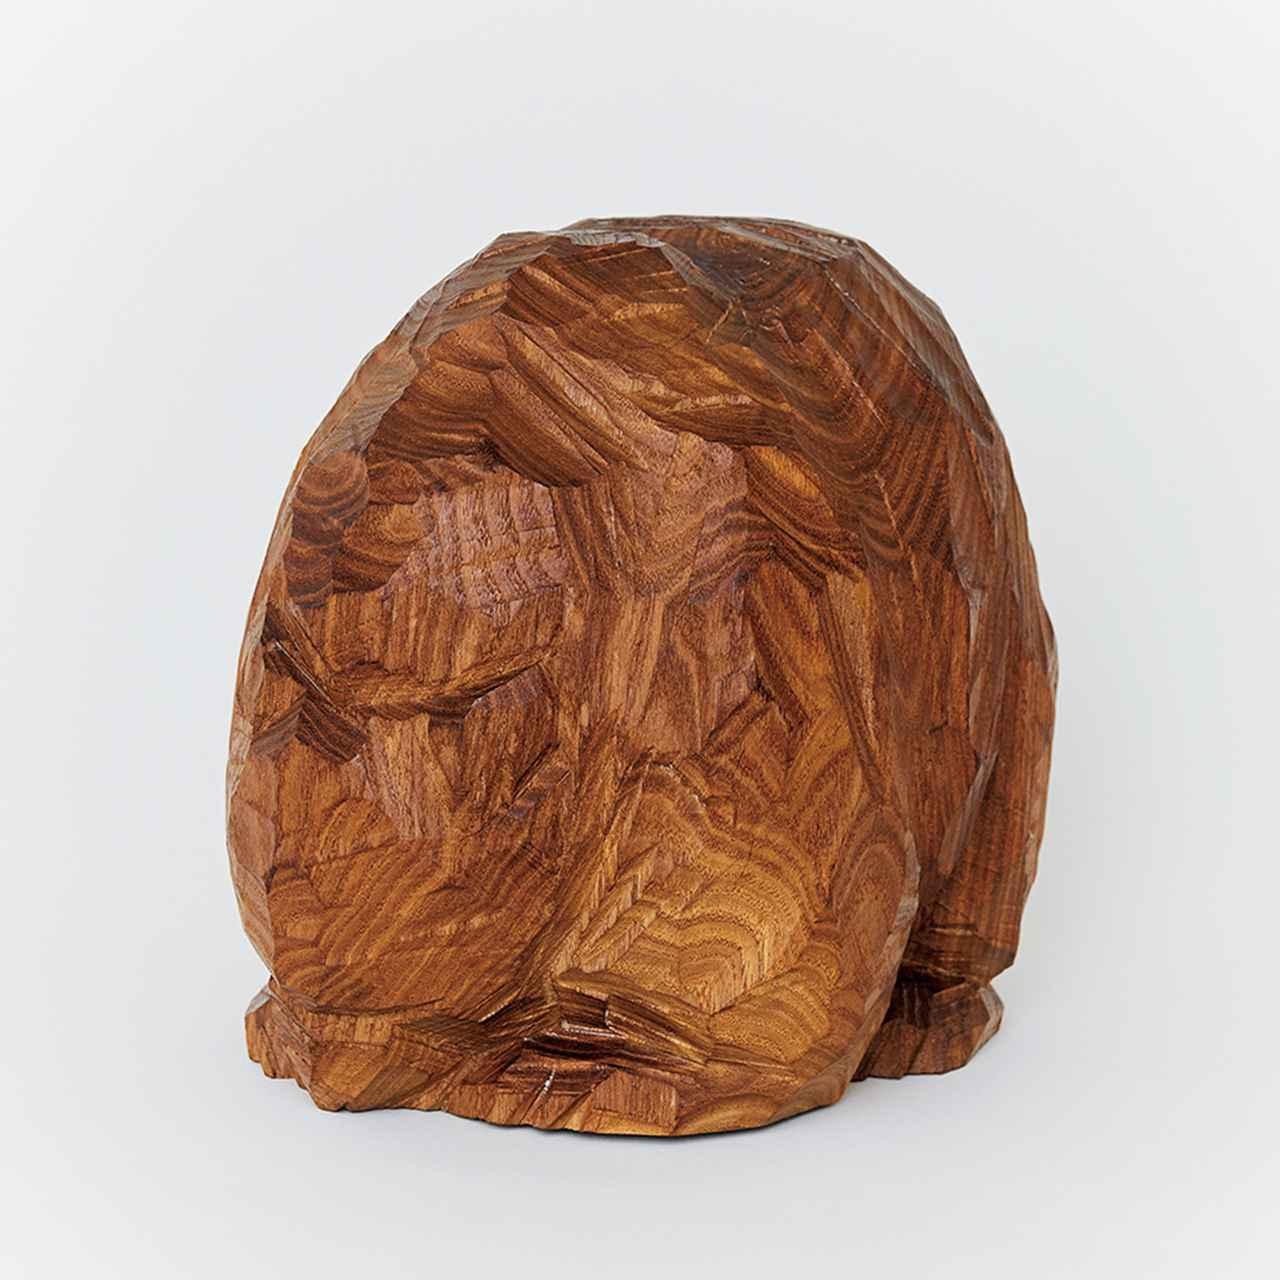 Images : 5番目の画像 - 「連載 Vol.10 コレクションは持ち主を語る。 編集者、安藤夏樹の木彫り熊」のアルバム - T JAPAN:The New York Times Style Magazine 公式サイト